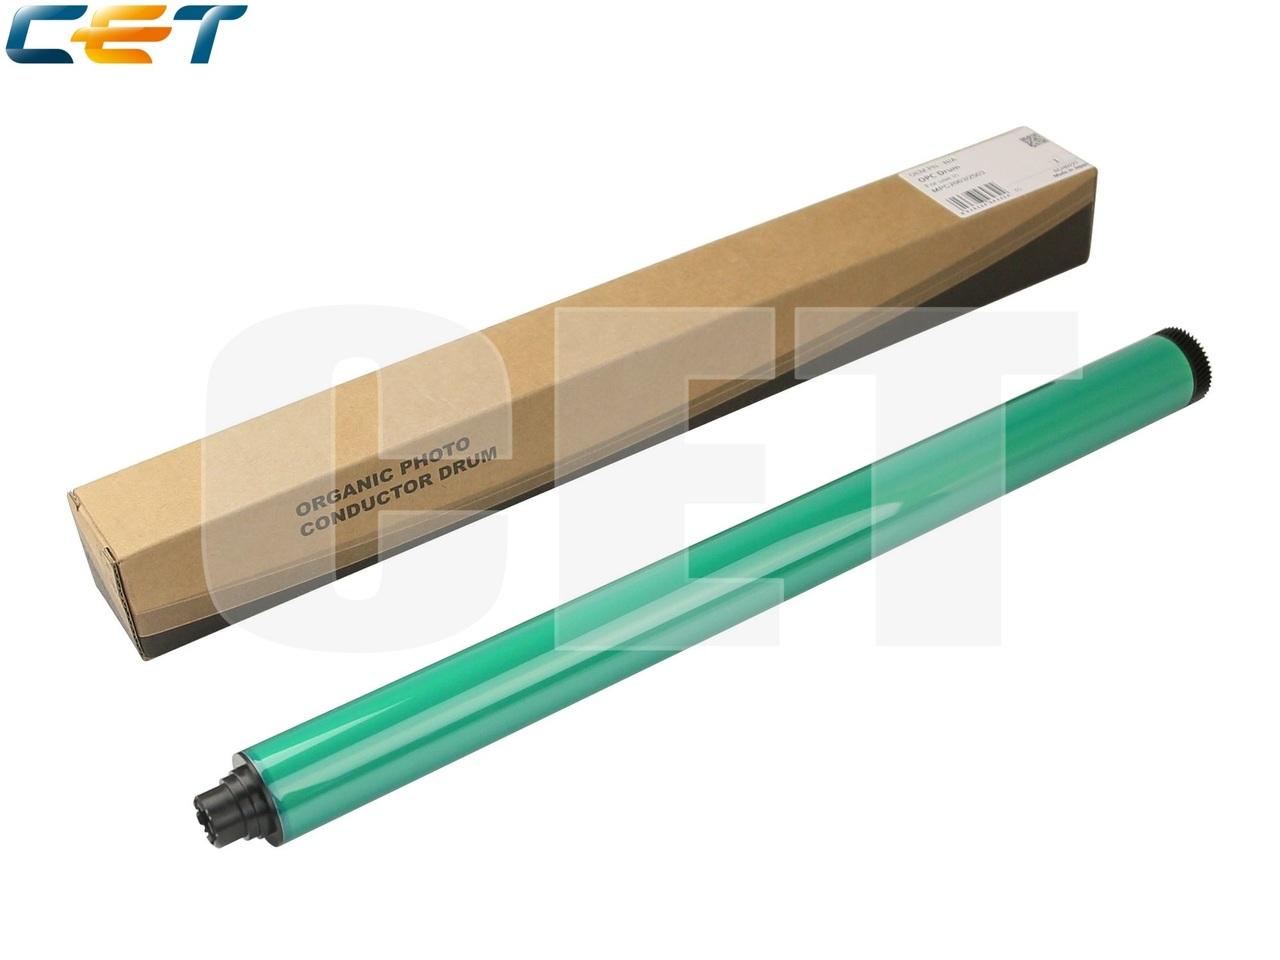 Барабан (Япония) для RICOHMPC2003/MPC2503/MPC2004/MPC2504 (CET), 60000 стр.,CET6232